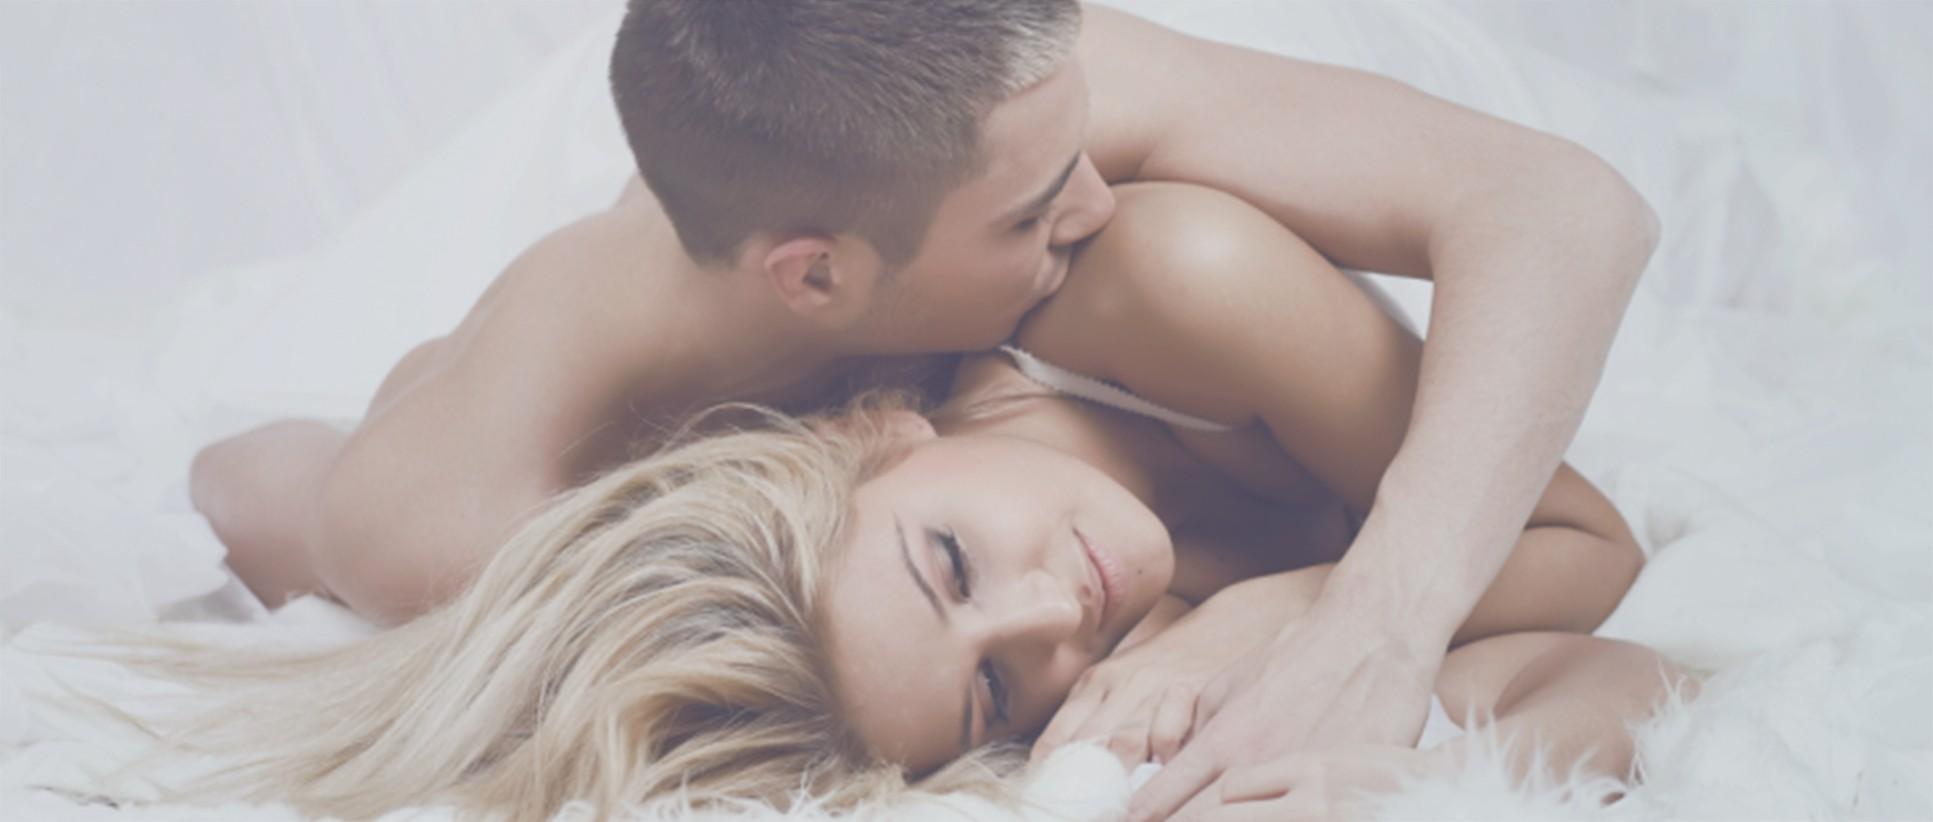 Orgasmos de sexo anal have